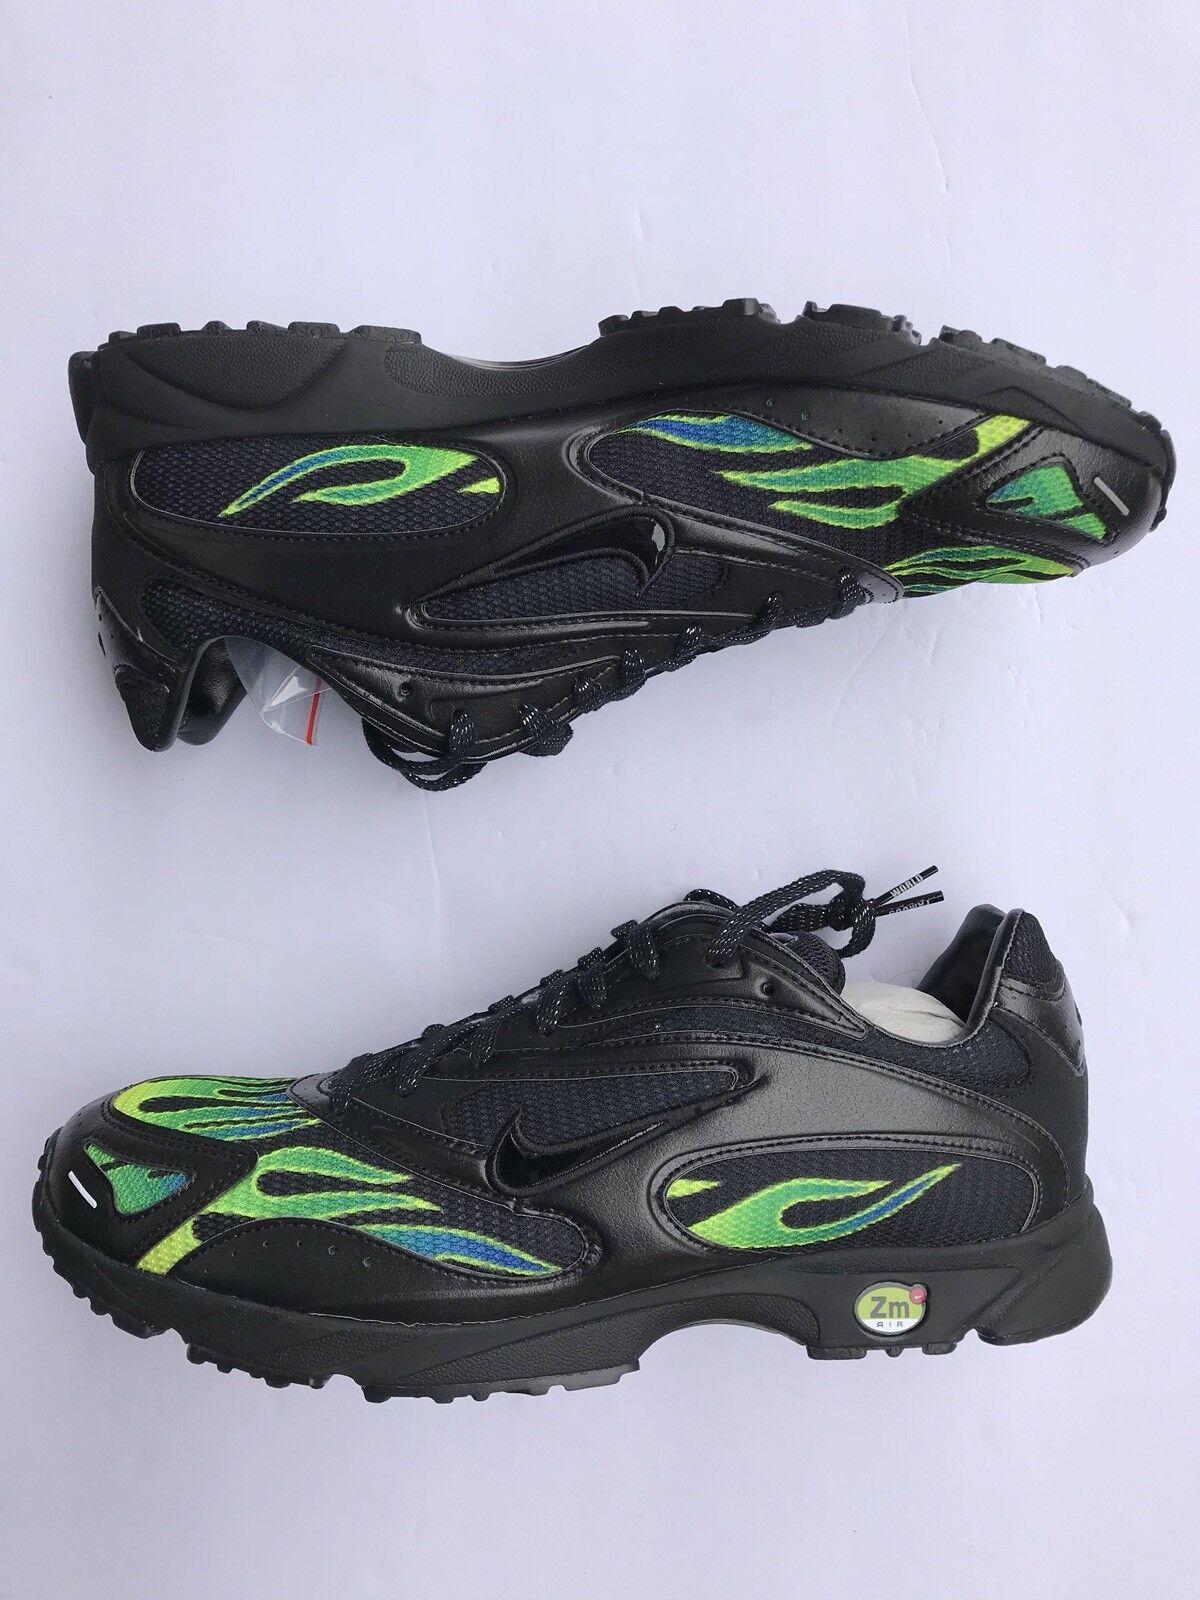 Nike x x x dello spettro suprema taglia 10 96bbd3